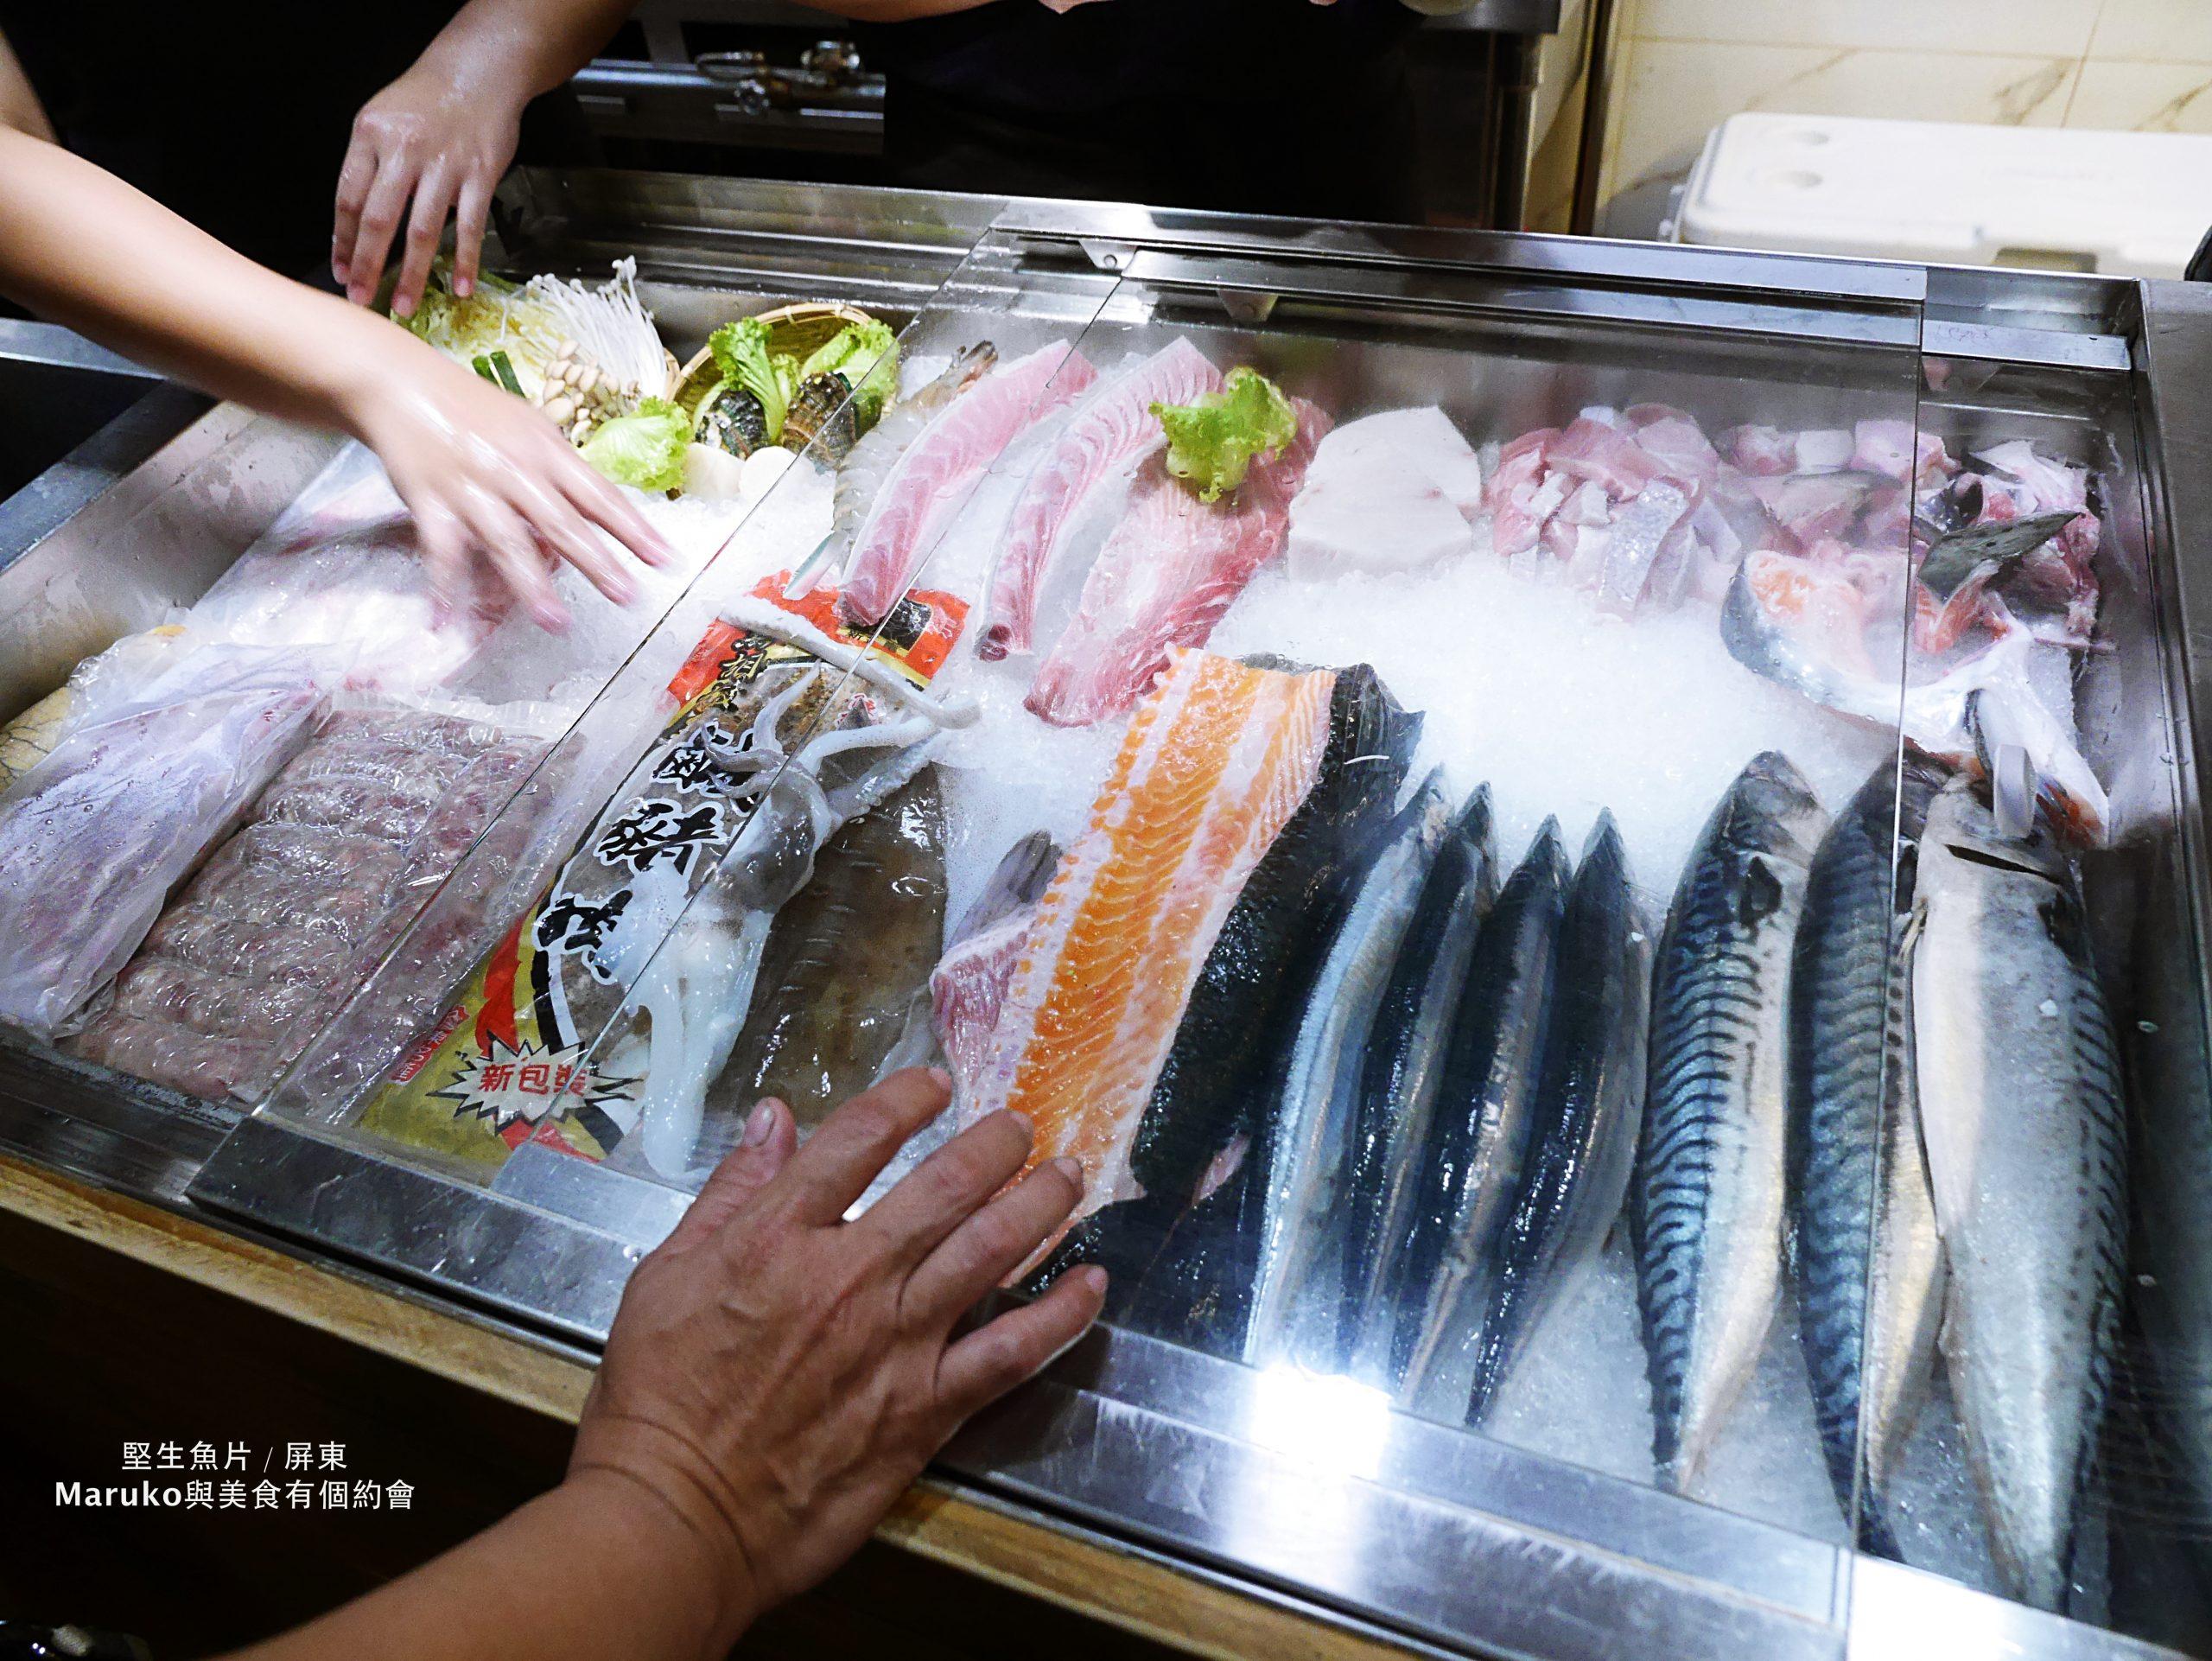 【屏東美食】堅生魚片-現切超厚生魚片無菜單燒烤料理